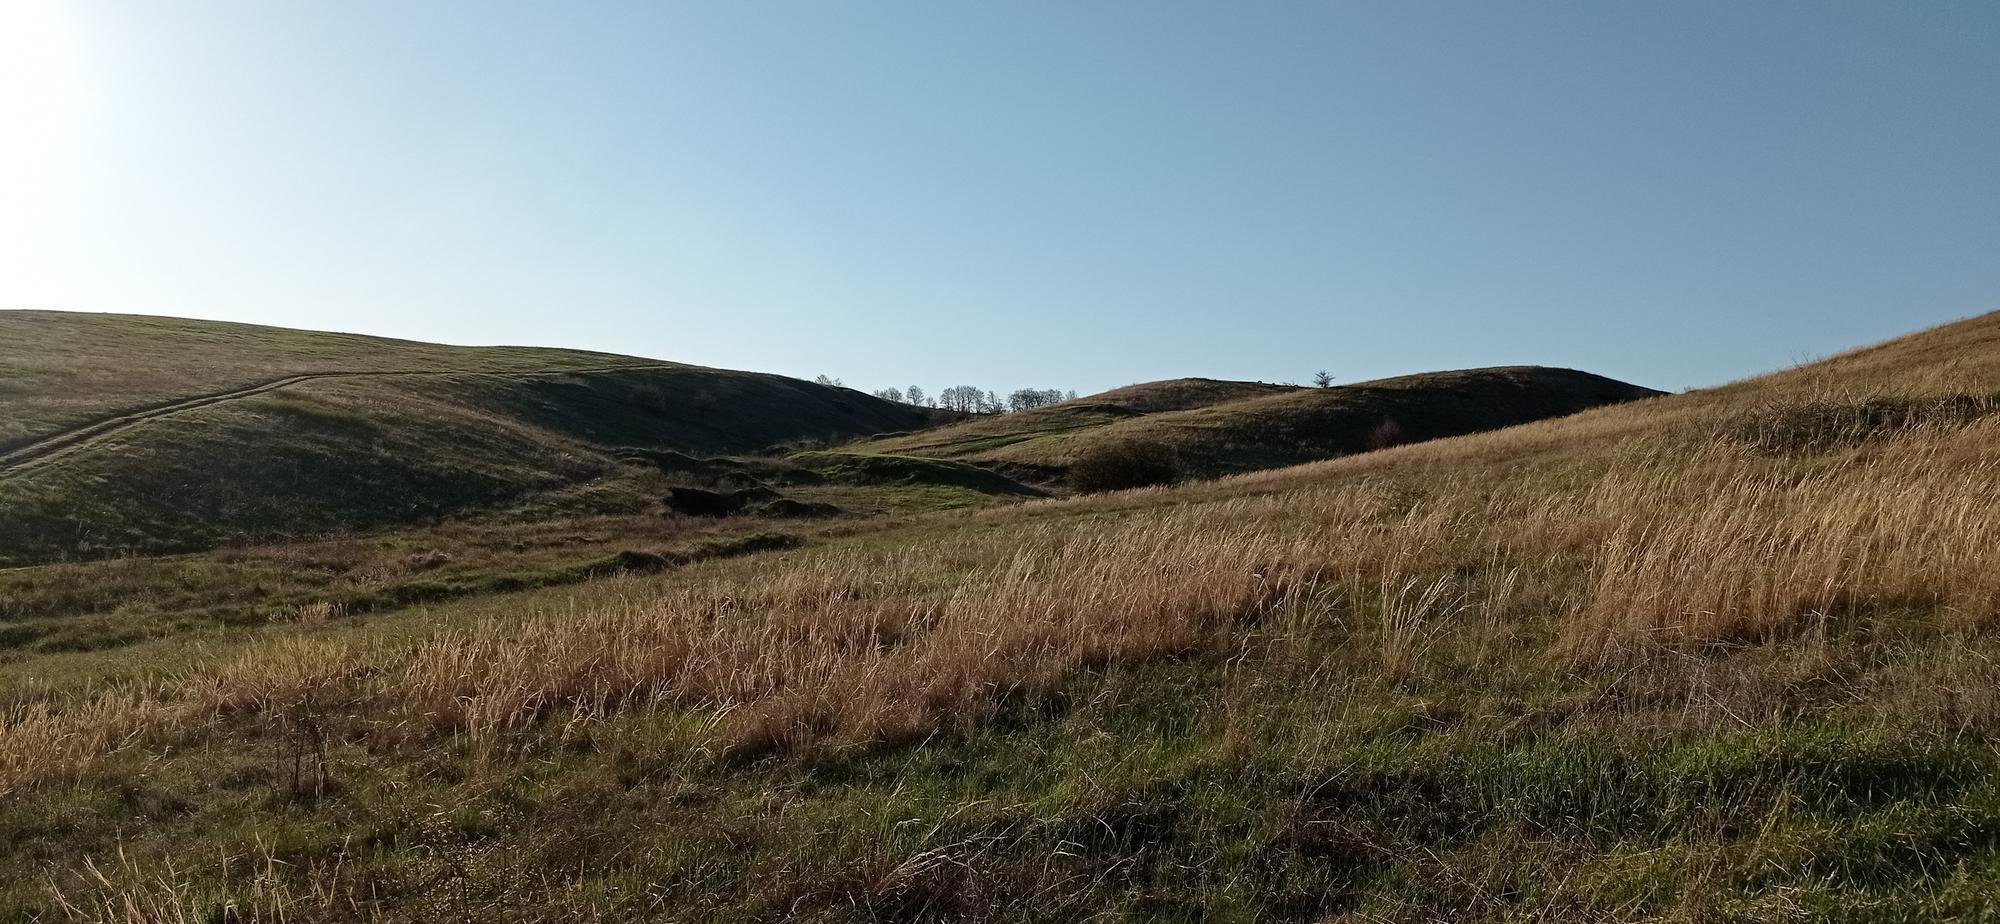 пагорби біля хутора Смольянинової Хромове біля Бахмута